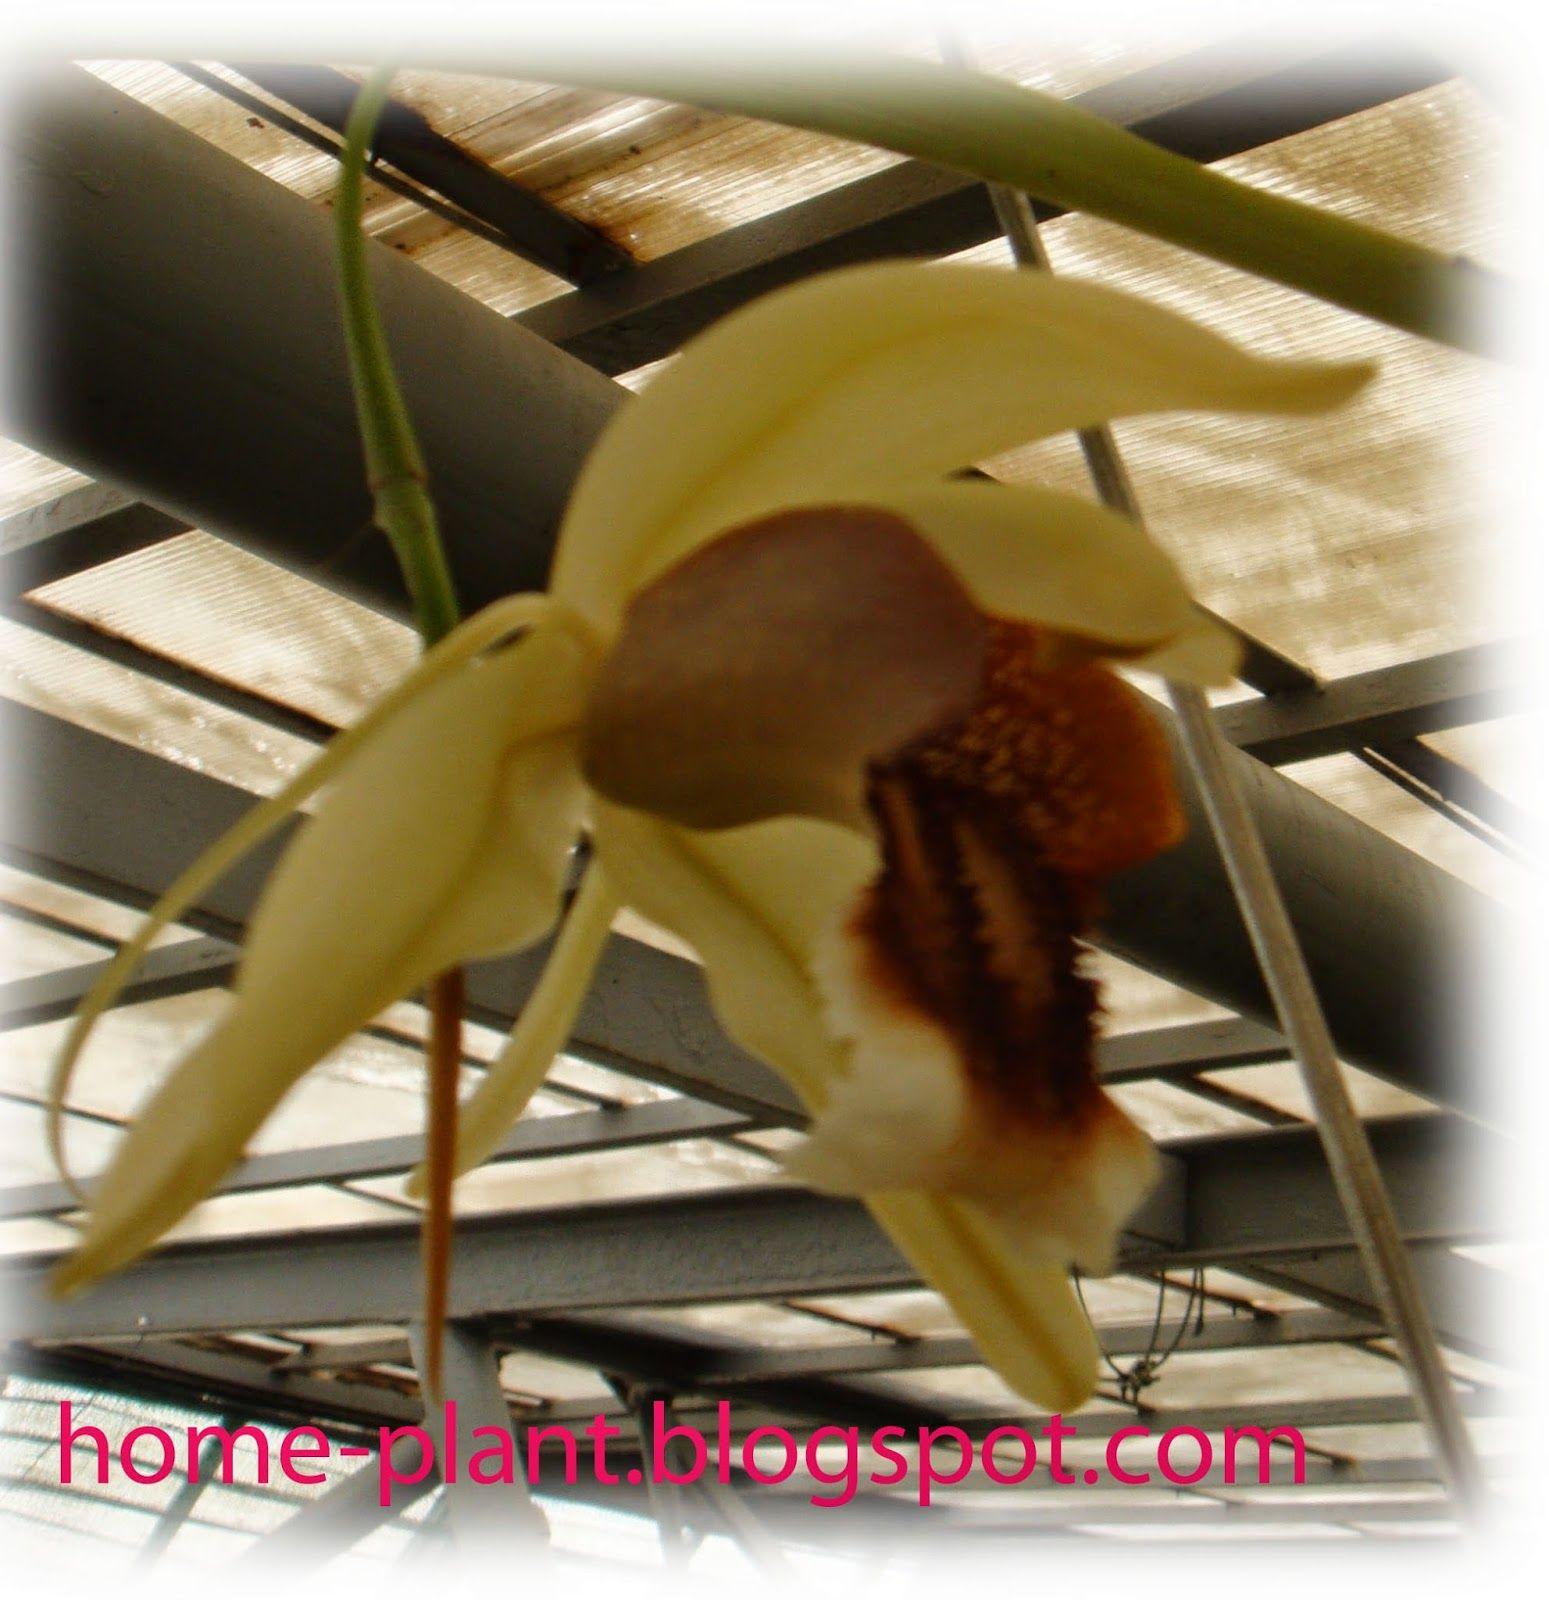 Комнатные растения для души и настроения: Орхидея целогина (Coelogyne): уход в домашних усло...